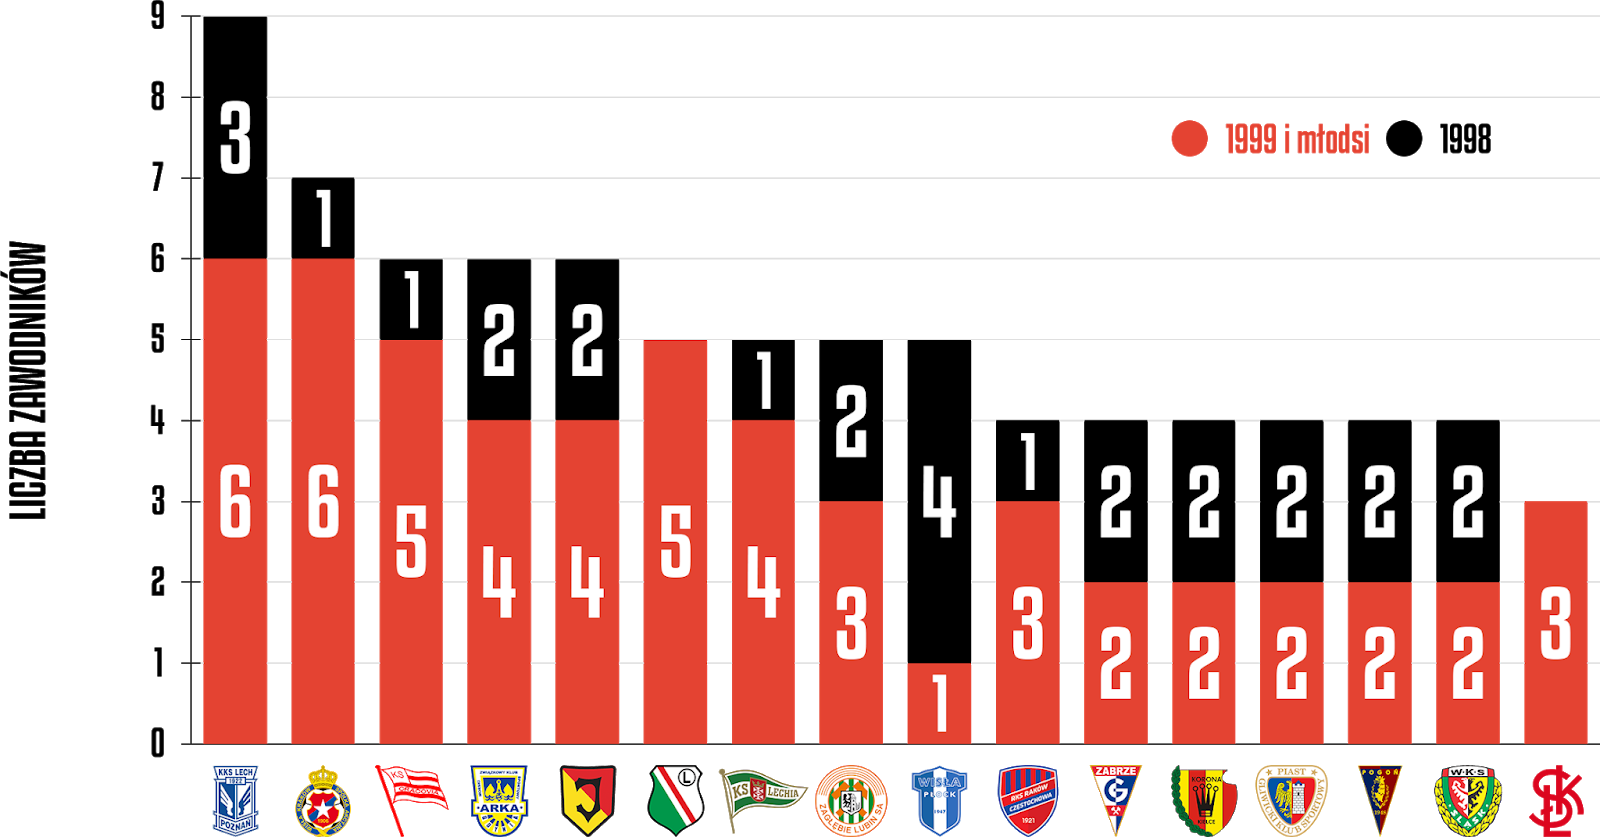 Młodzieżowcy, którzy zagrali w tym sezonie PKO Ekstraklasy<br><br>Źródło: Opracowanie własne na podstawie ekstrastats.pl<br><br>graf. Bartosz Urban